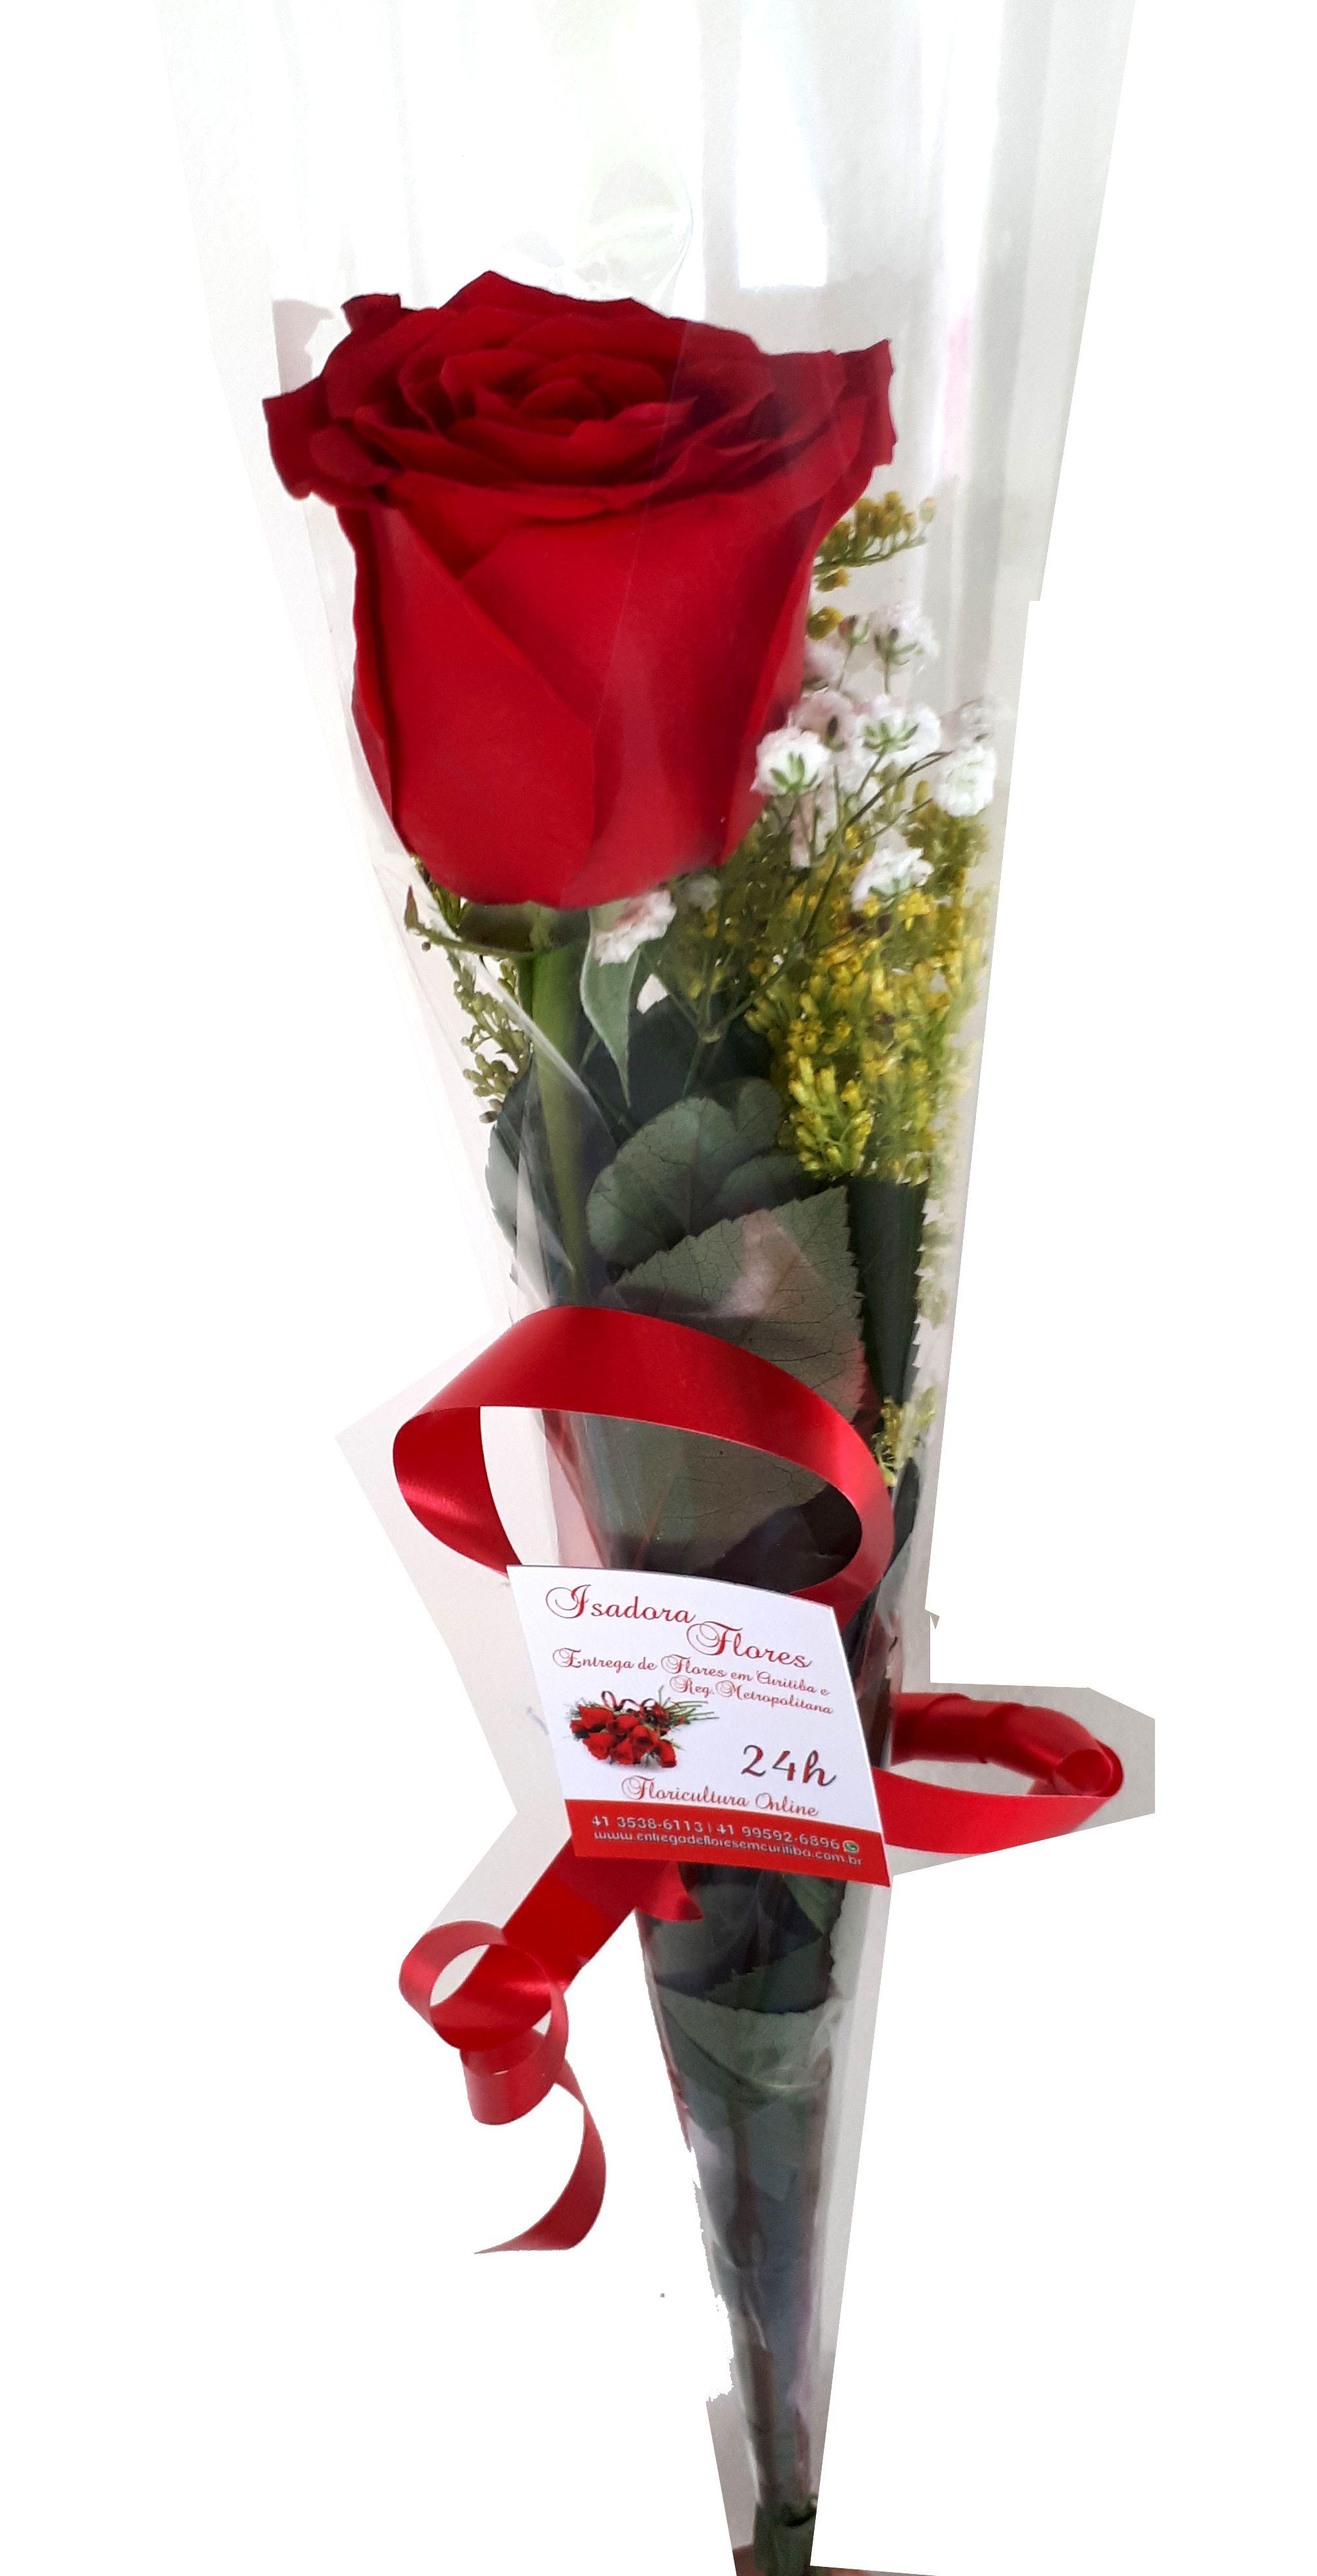 2543 Rosa unitária decorada para presente